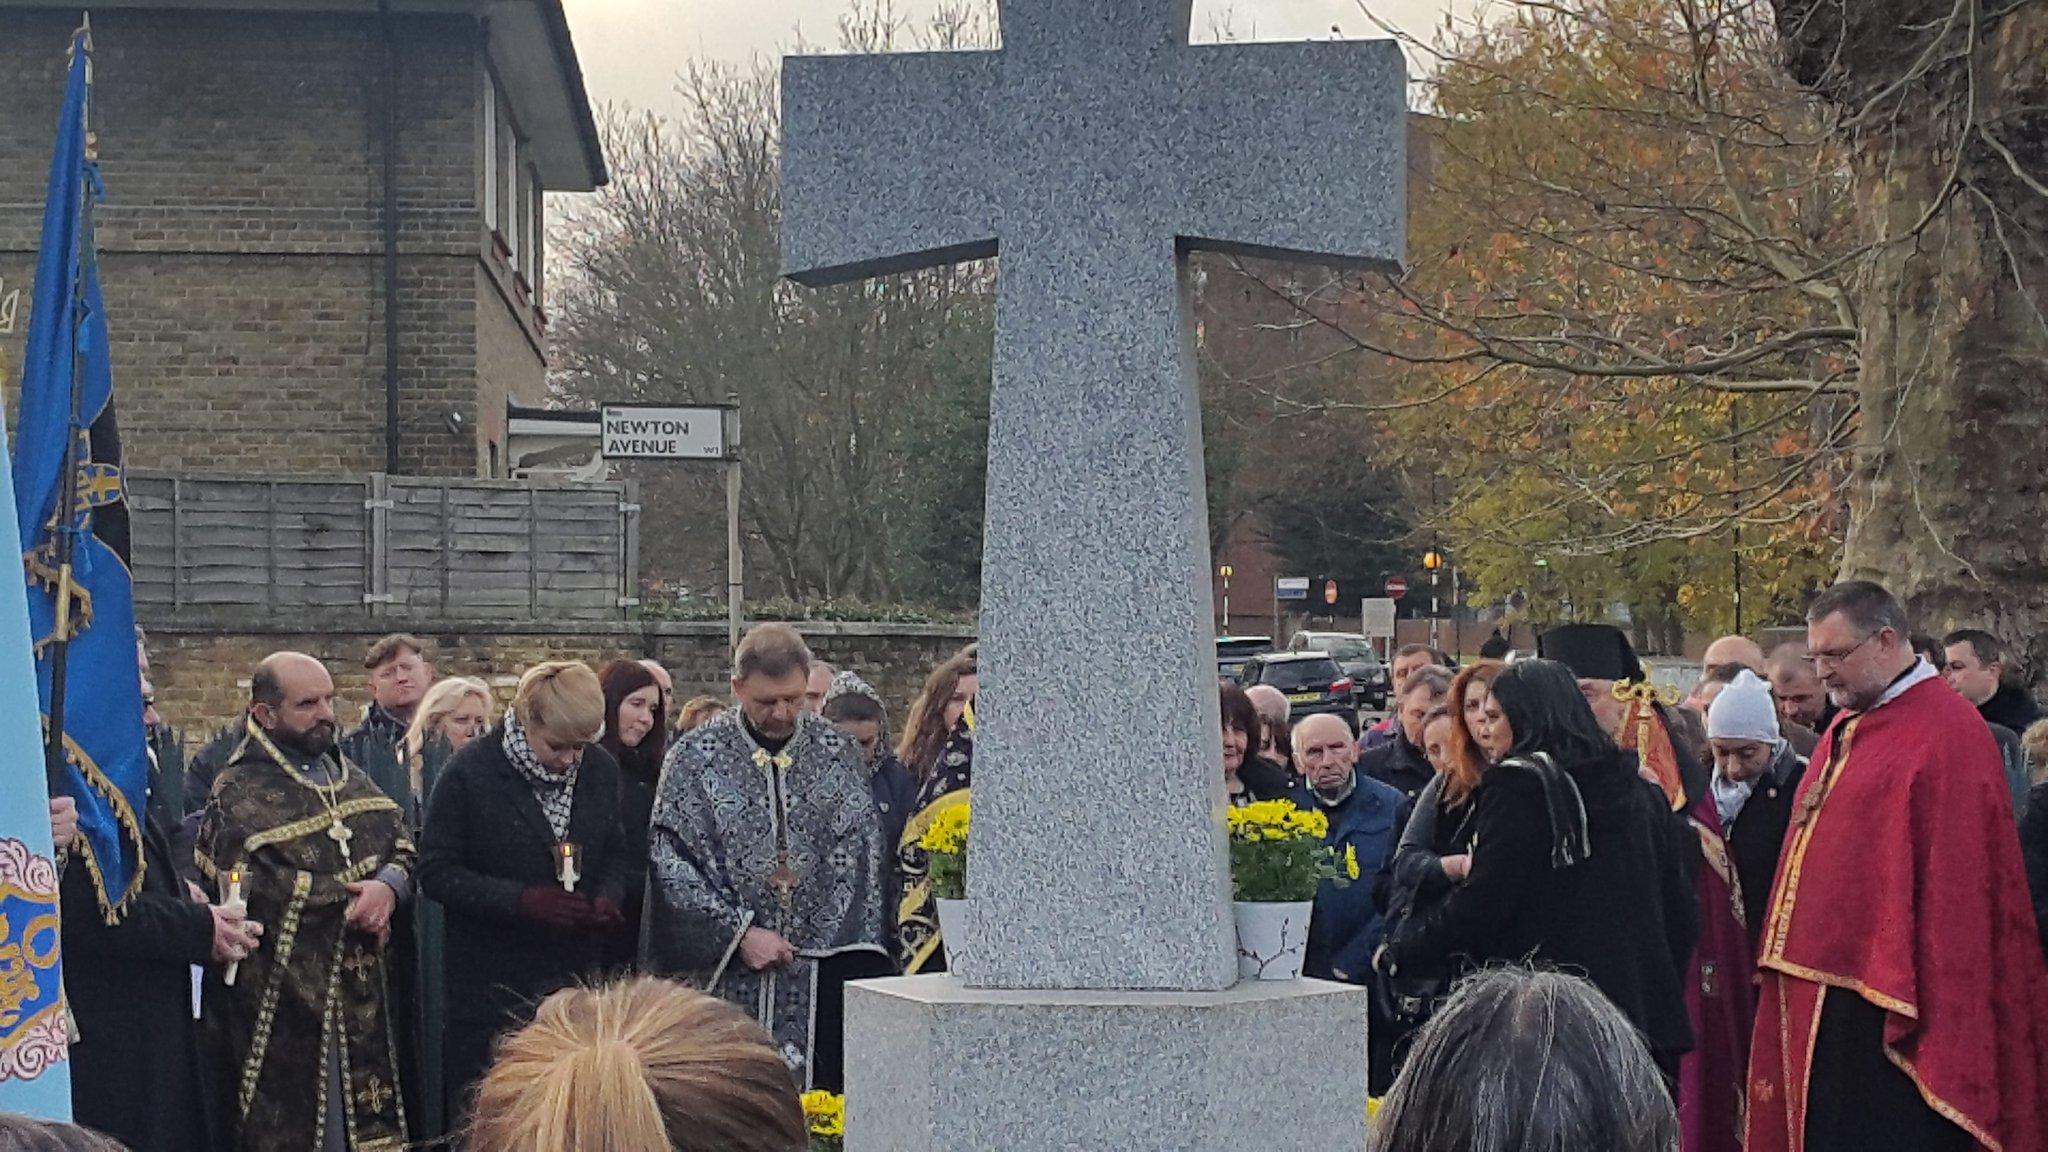 У Лондоні вшанували пам'ять жертв #Голодомор'ів, закликали світ визнати цю трагедію геноцидом українського народу  https://t.co/f7jxpMXkyu https://t.co/dnfVsquZvx